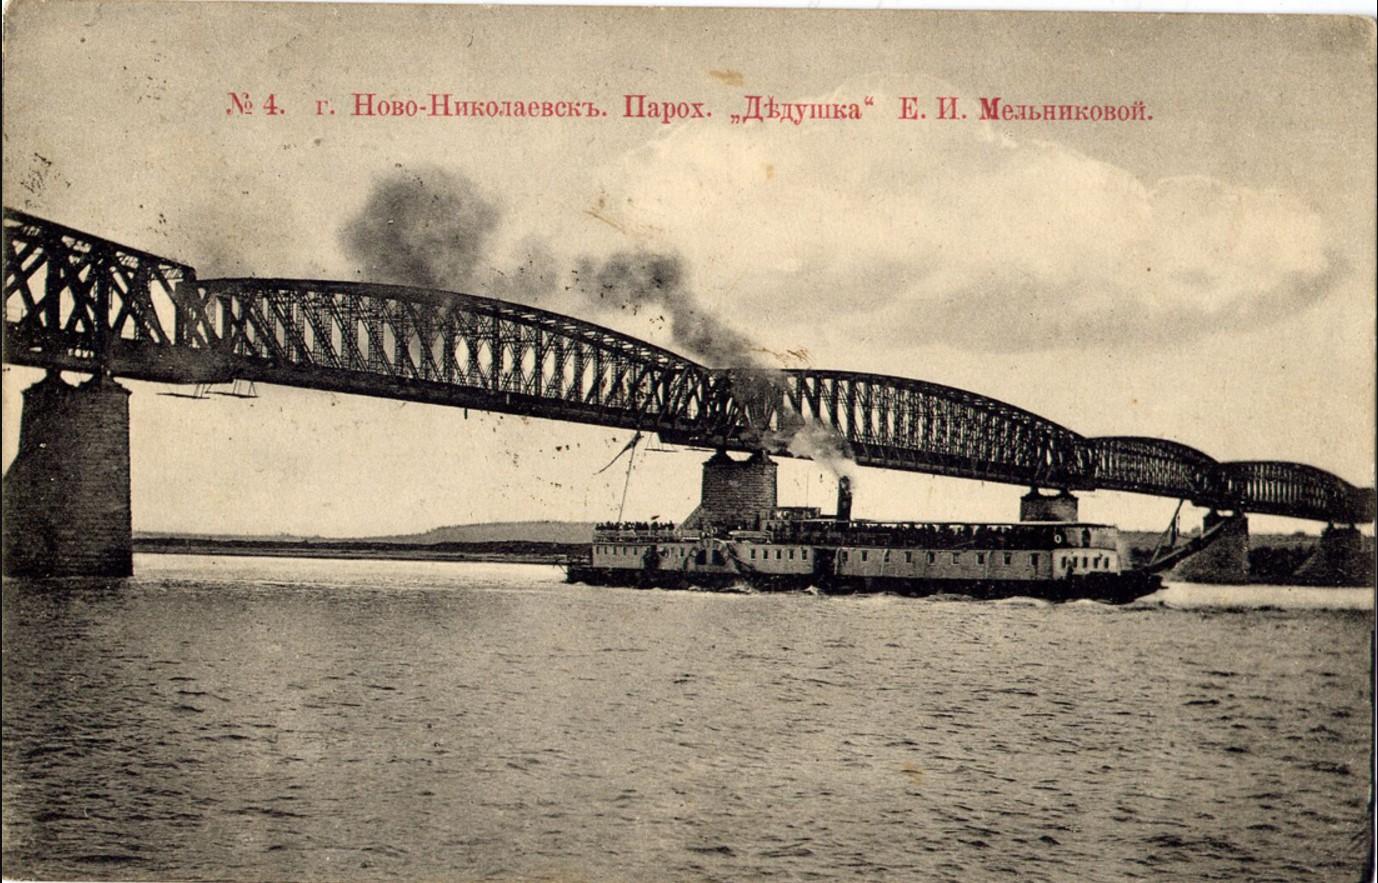 Пароход «Дедушка» Е.И.Мельниковой